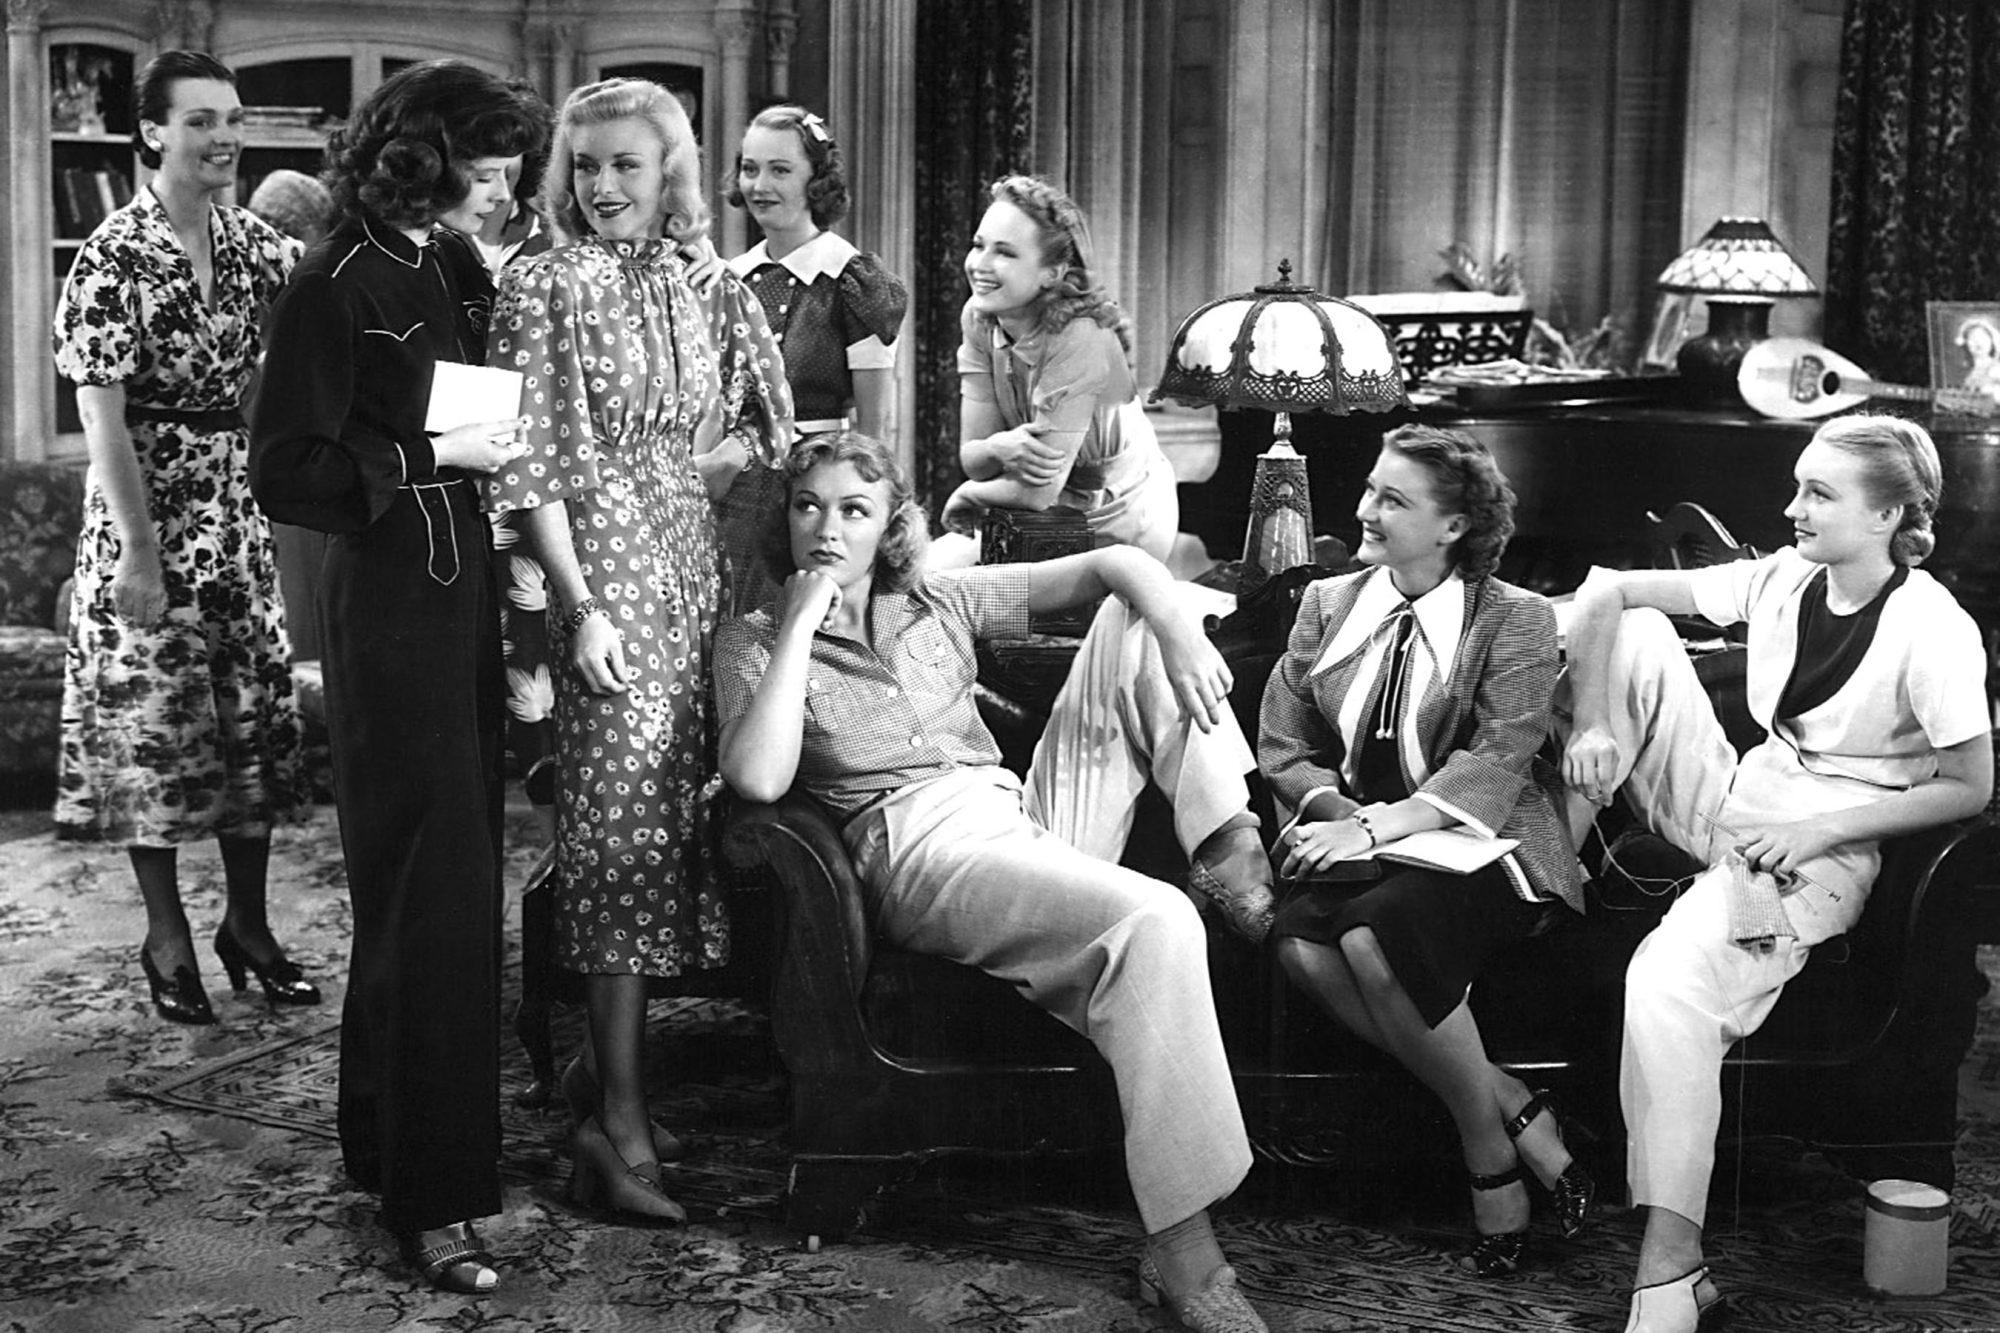 STAGE DOOR, Katharine Hepburn, Ginger Rogers, Eve Arden, 1937